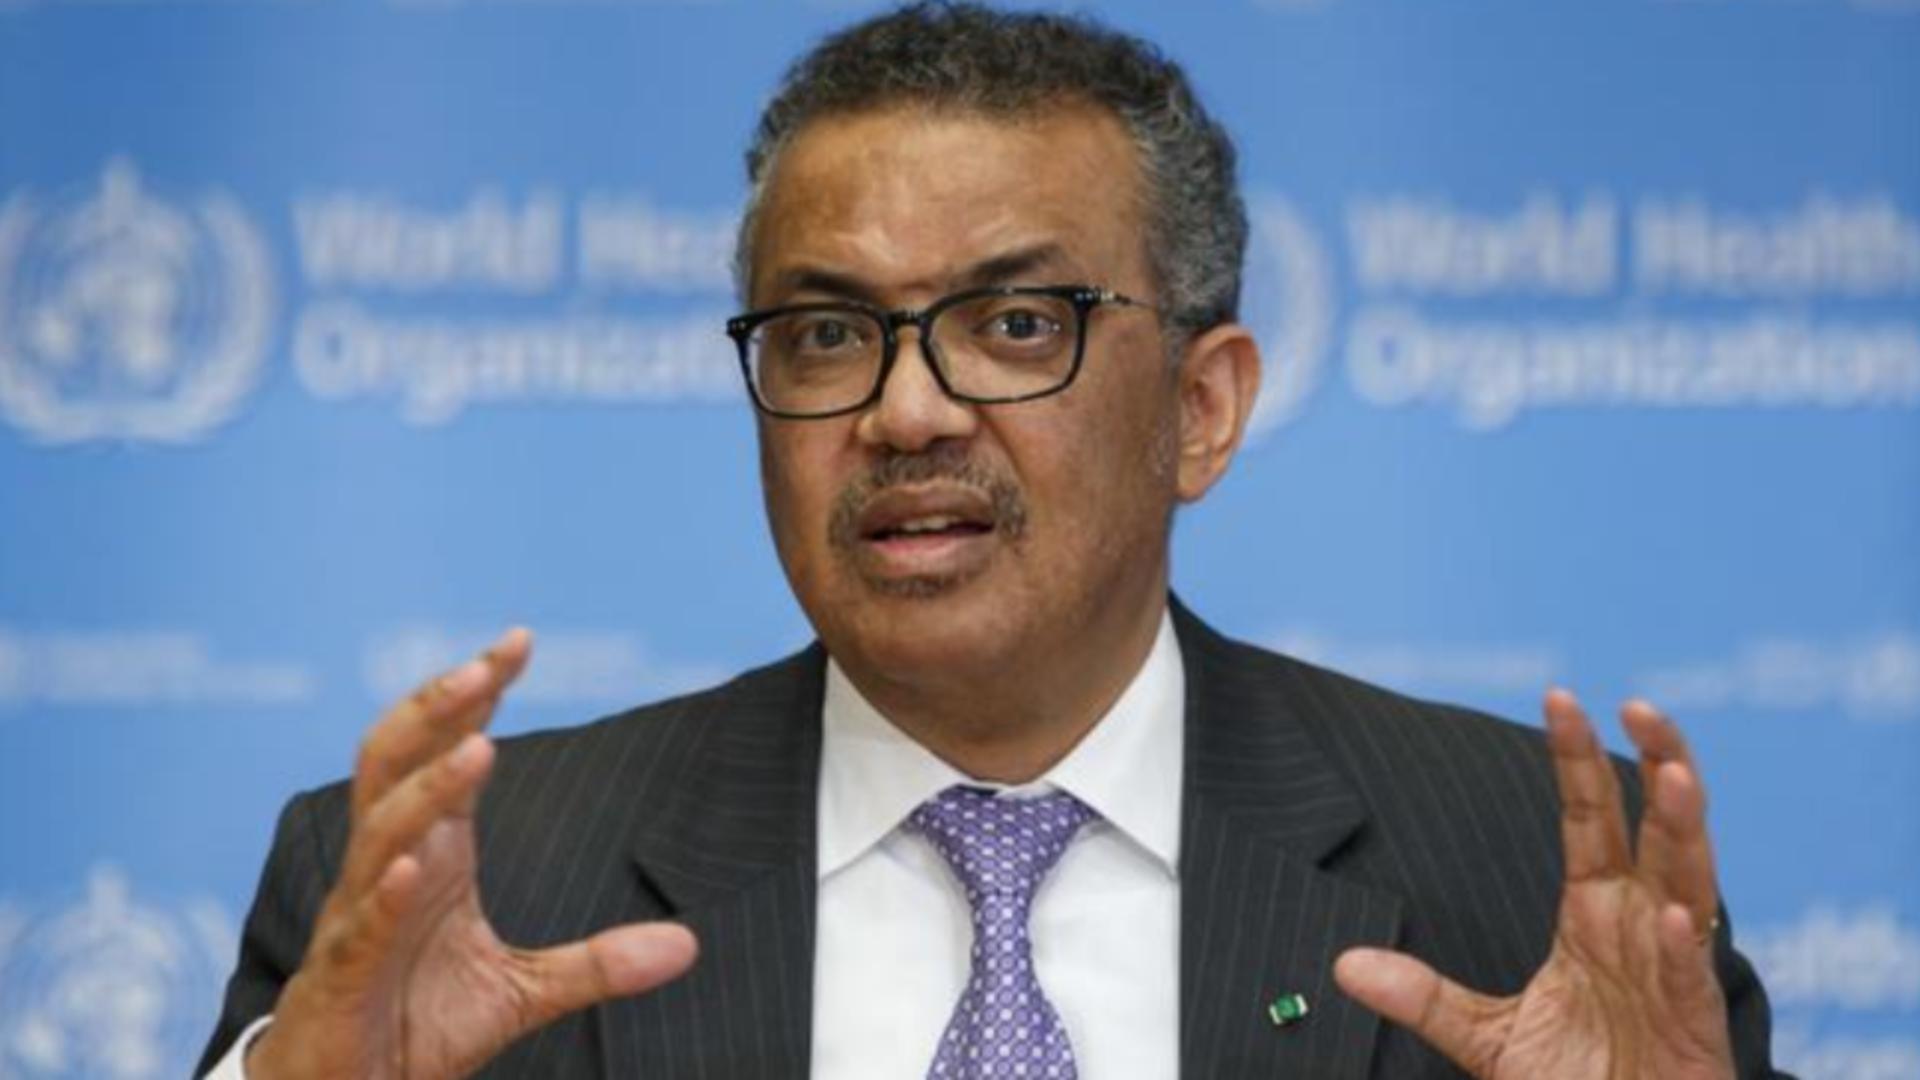 Directorul general al Organizației Mondiale a Sănătății, Tedros Adhanom Ghebreyesus